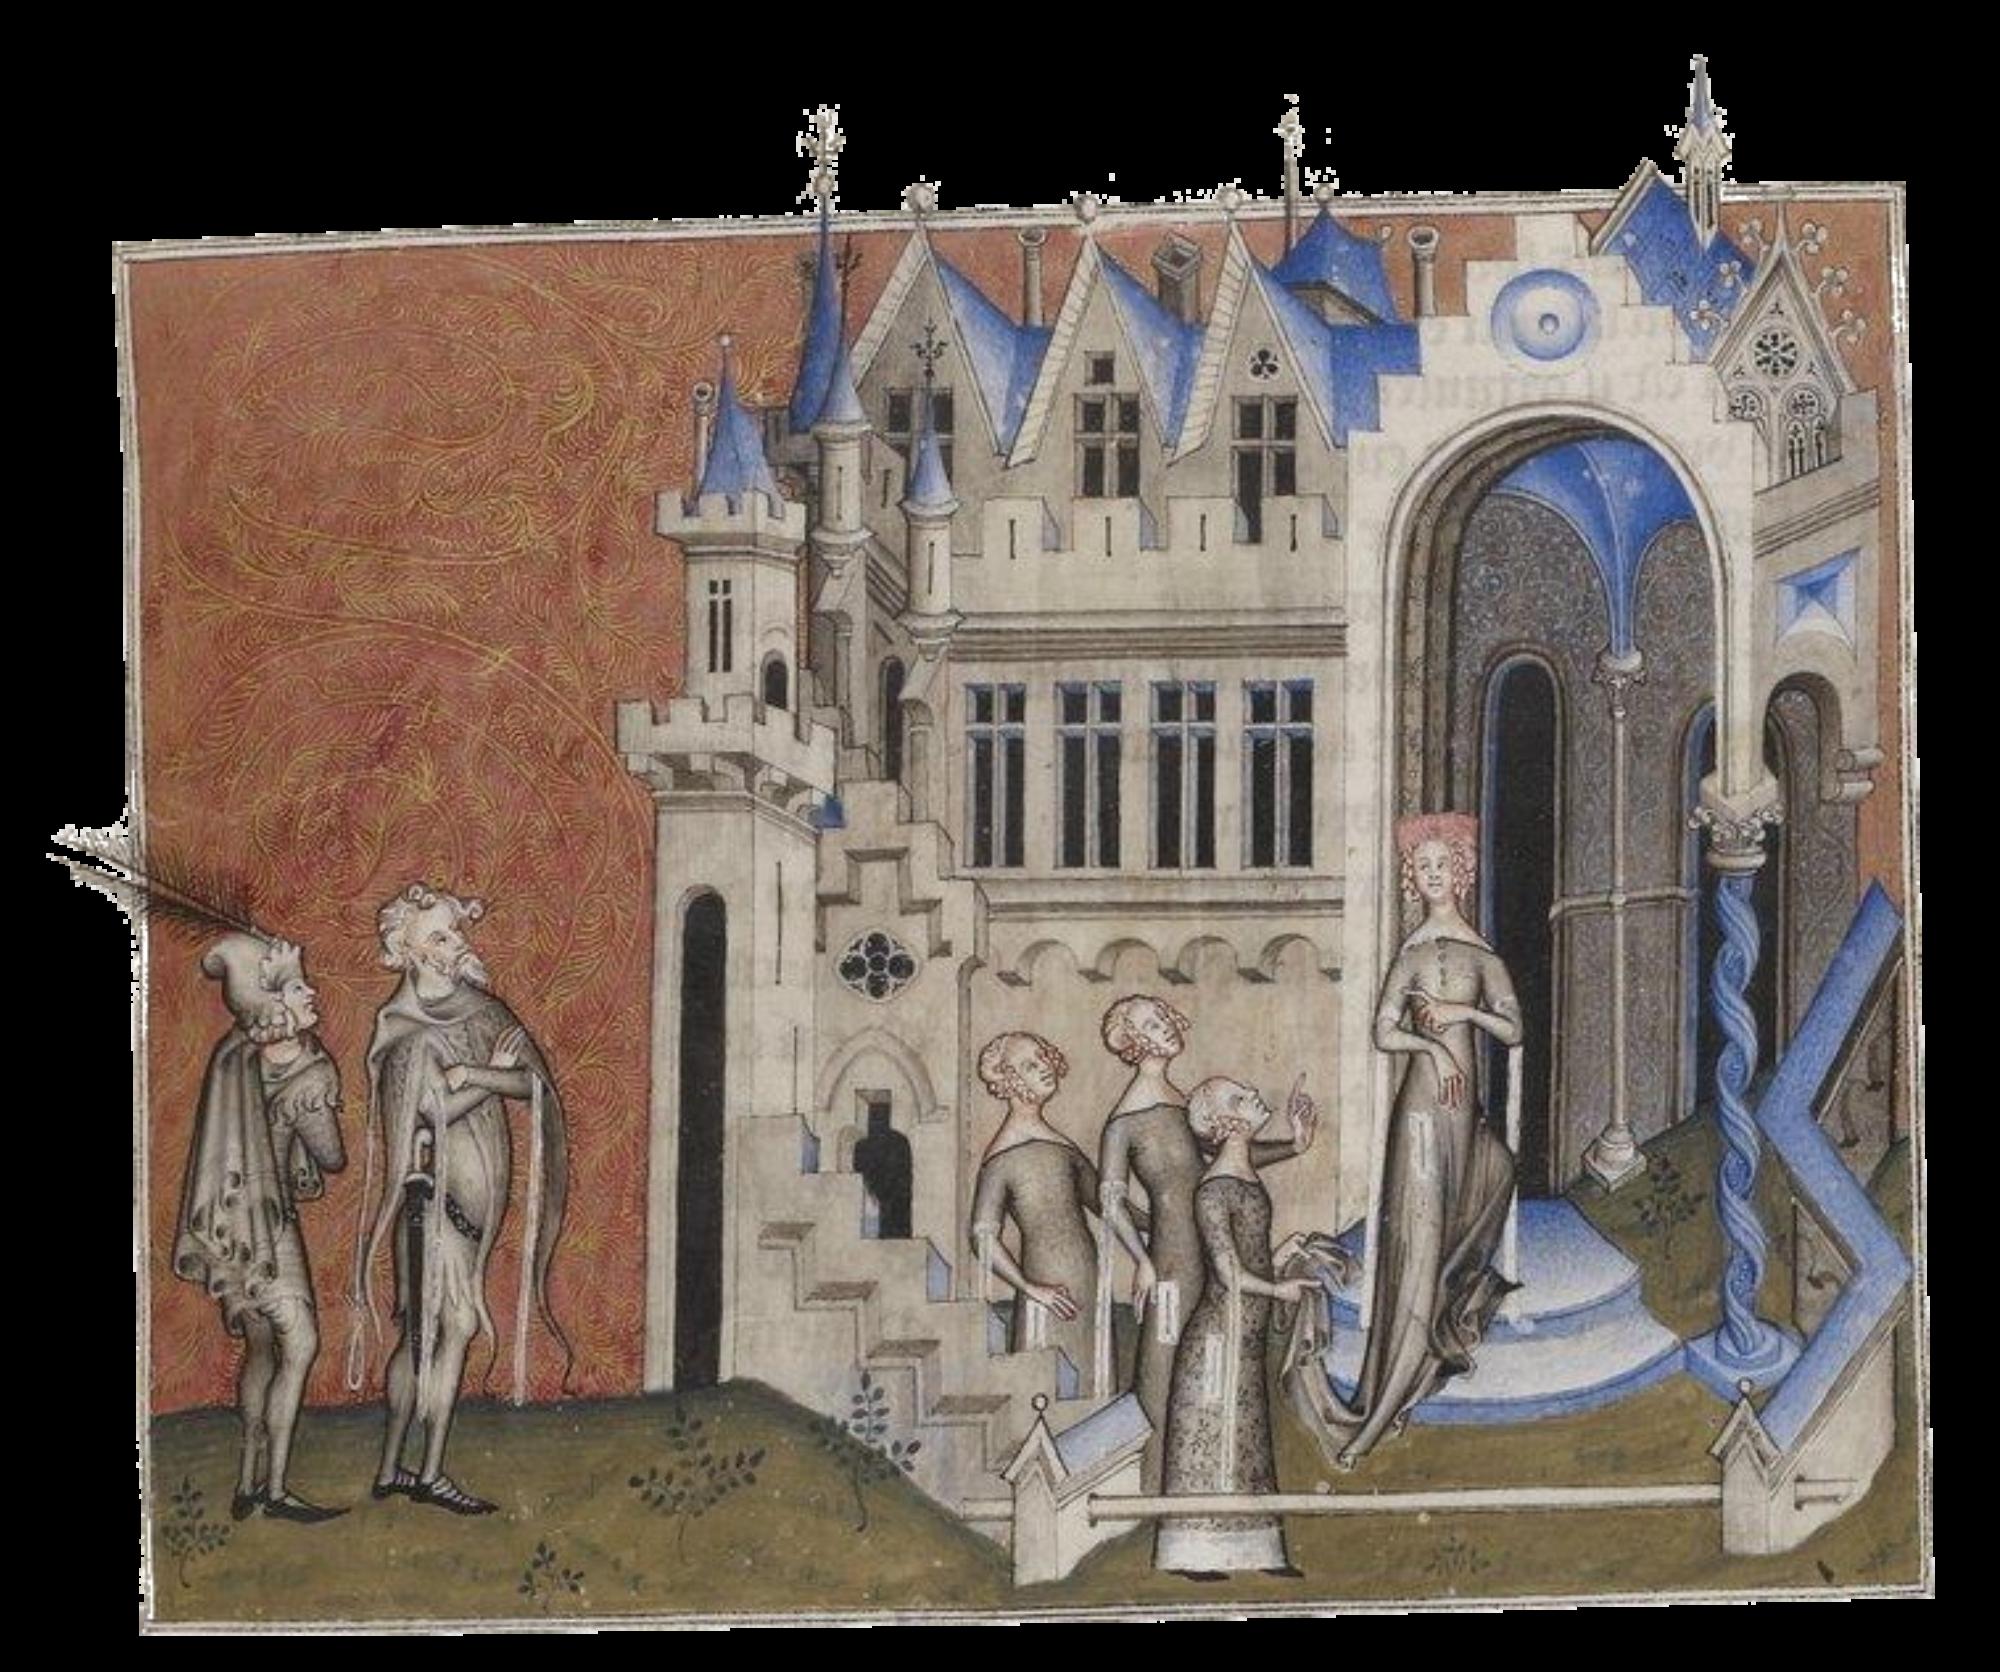 Femme et dame de courtoisie dans les manuscrits enluminés en France aux XIV ème et XV ème siècles